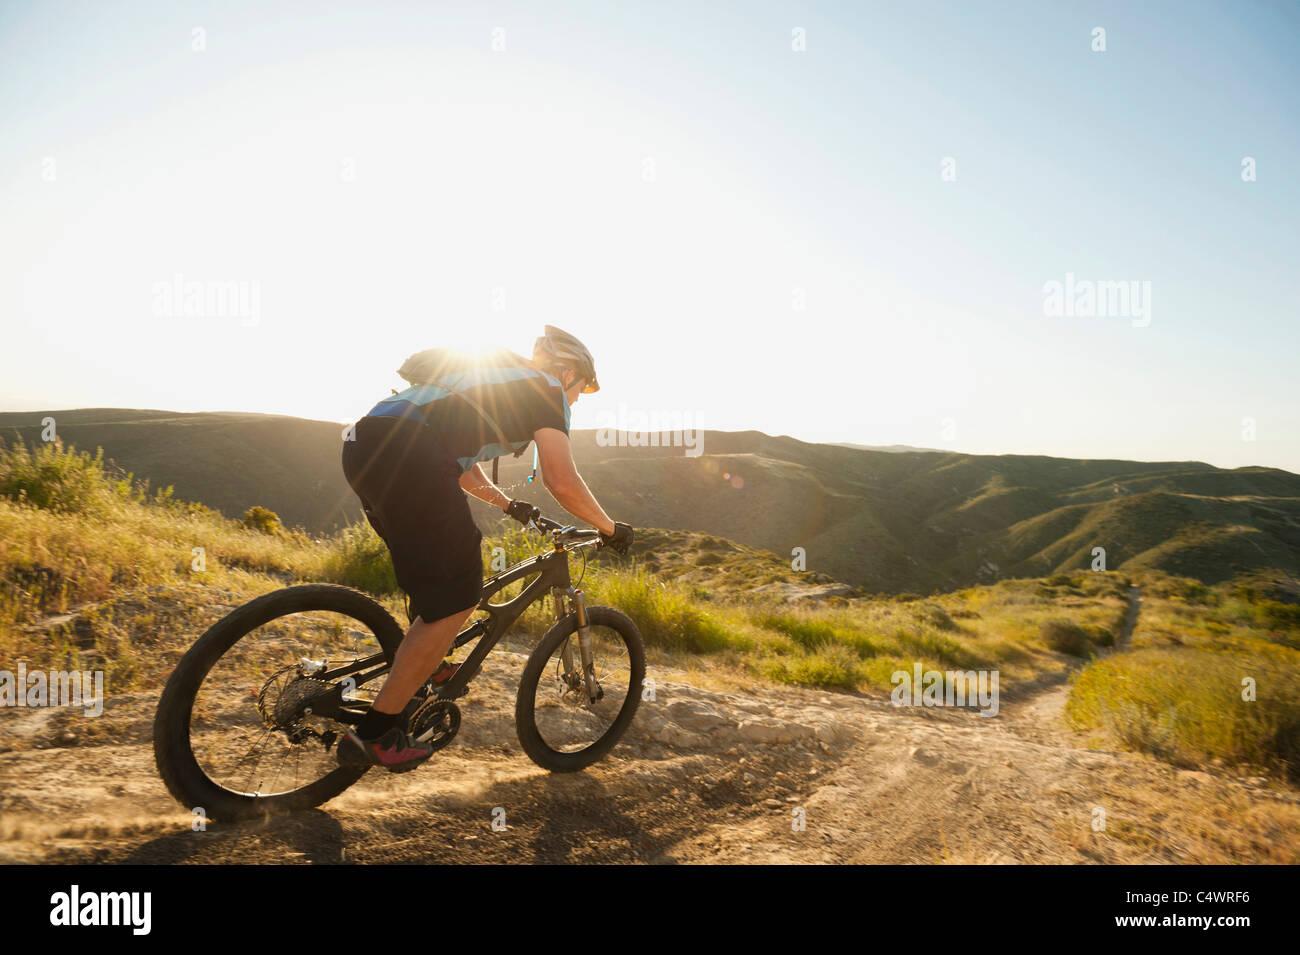 Estados Unidos,California,Laguna Beach,ciclista de montaña equitación cuesta abajo Imagen De Stock